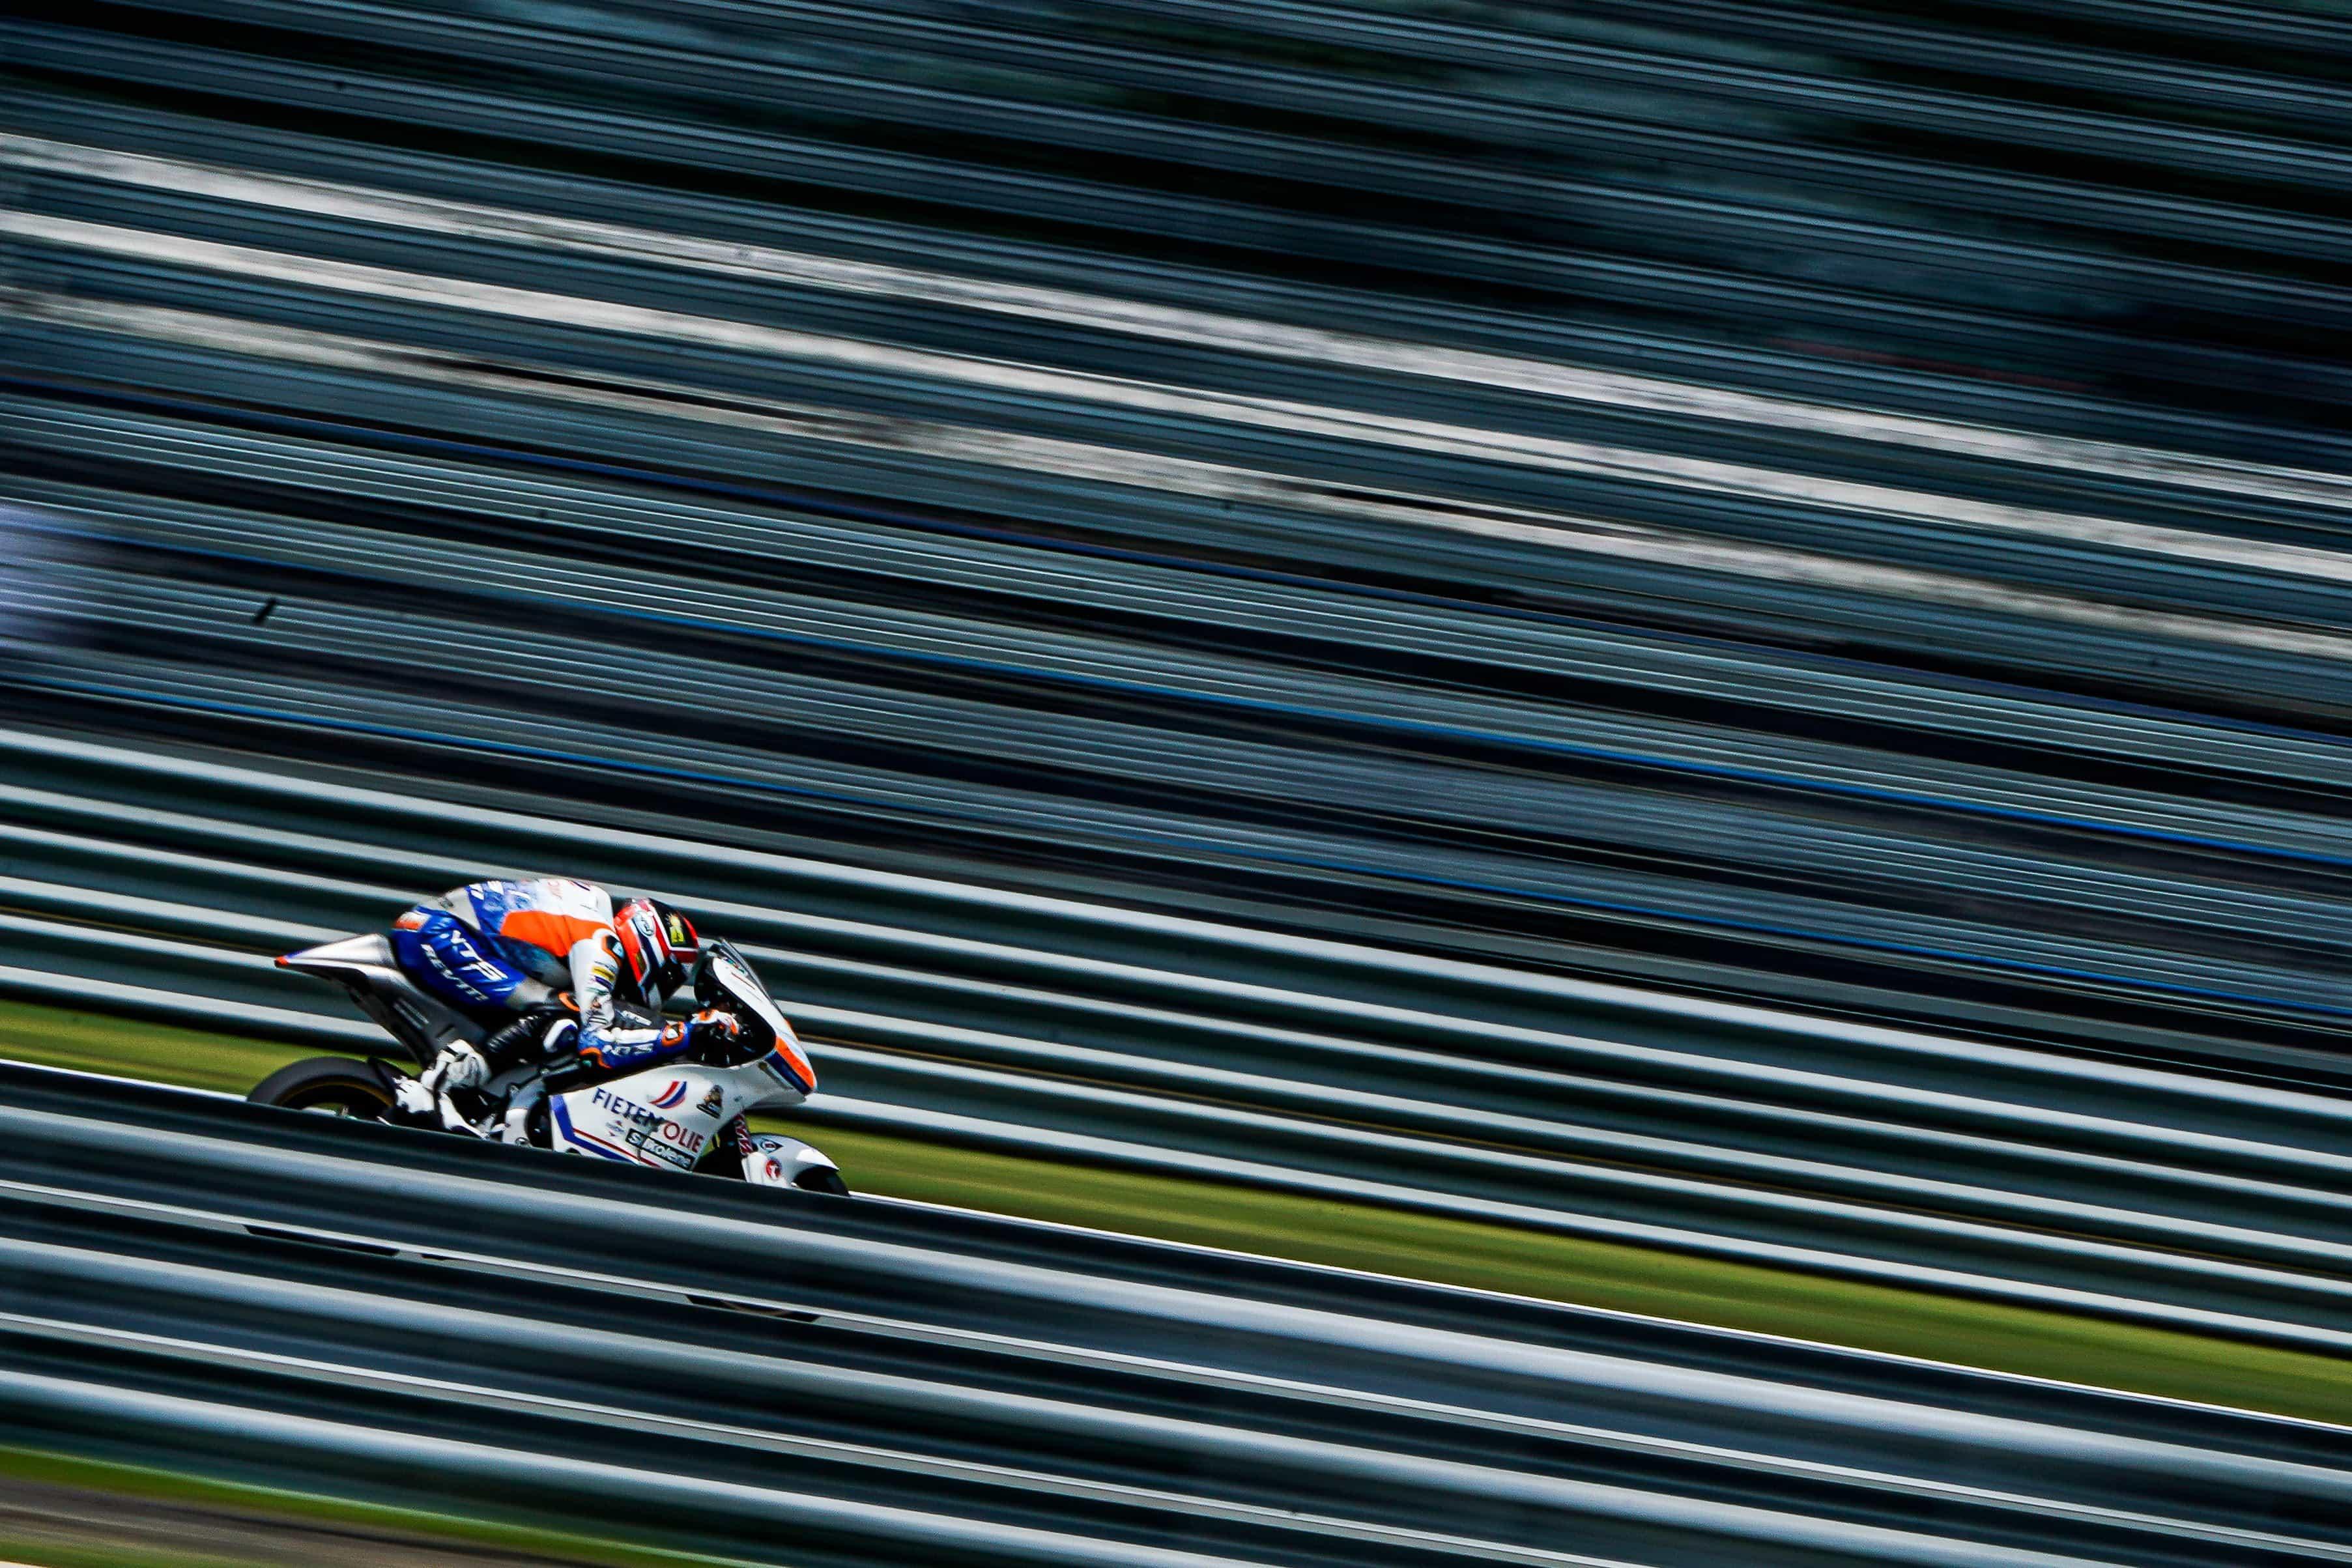 NTS RW Racing GP タイGP 公式練習1、公式練習2レポート